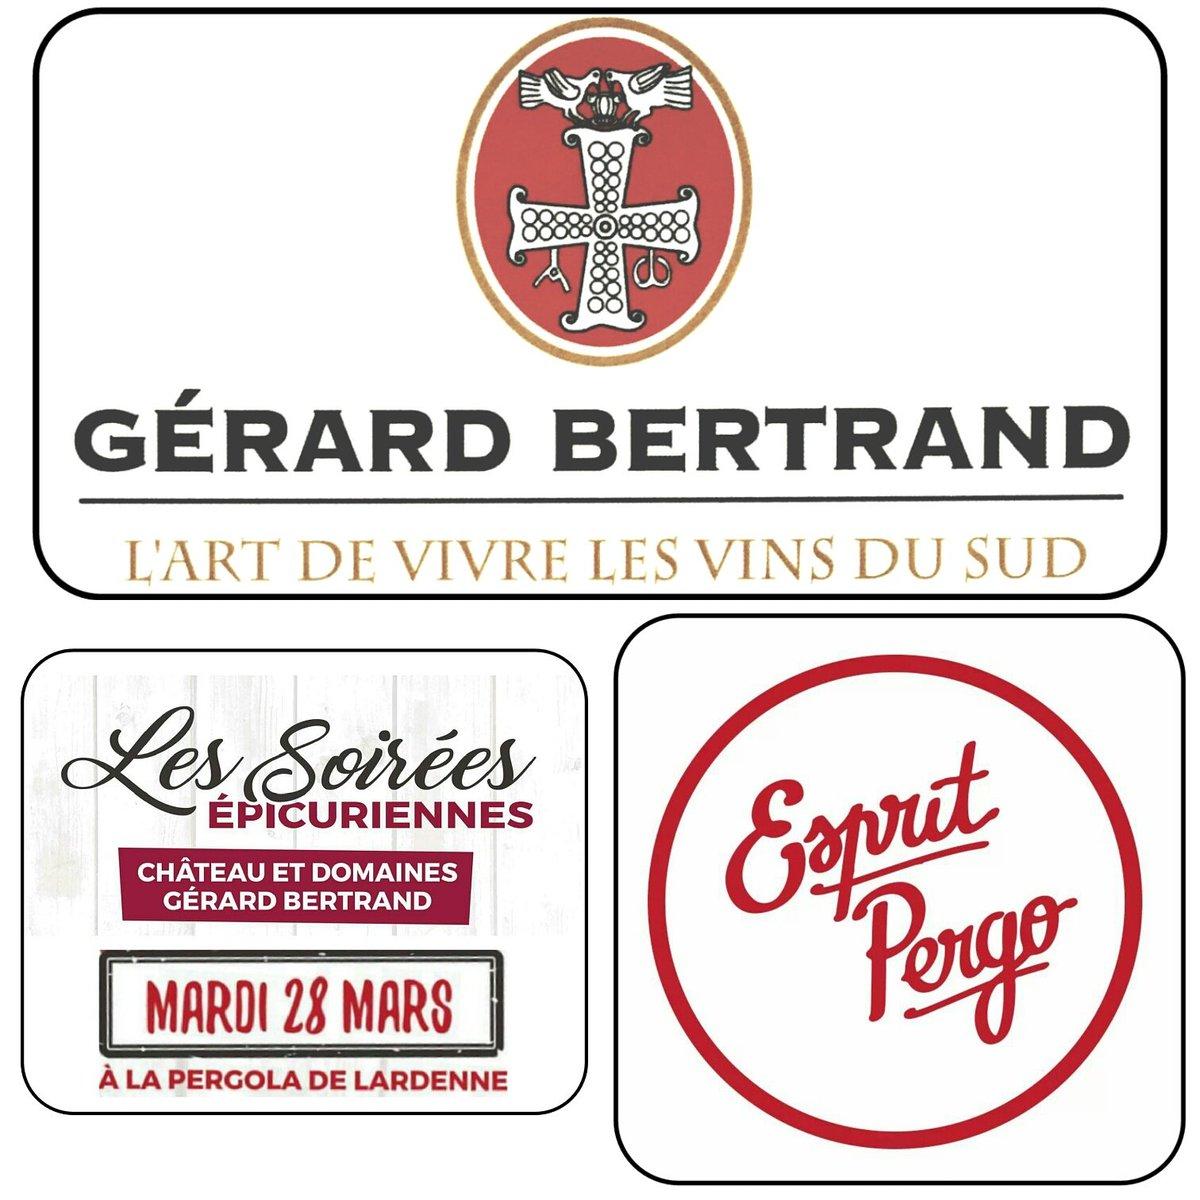 La dernière soirée #épicurienne à la Pergola c&#39;est ce soir !! #sortie #Toulouse #espritpergo #vins #gerardbertrand<br>http://pic.twitter.com/3leV3XuODb